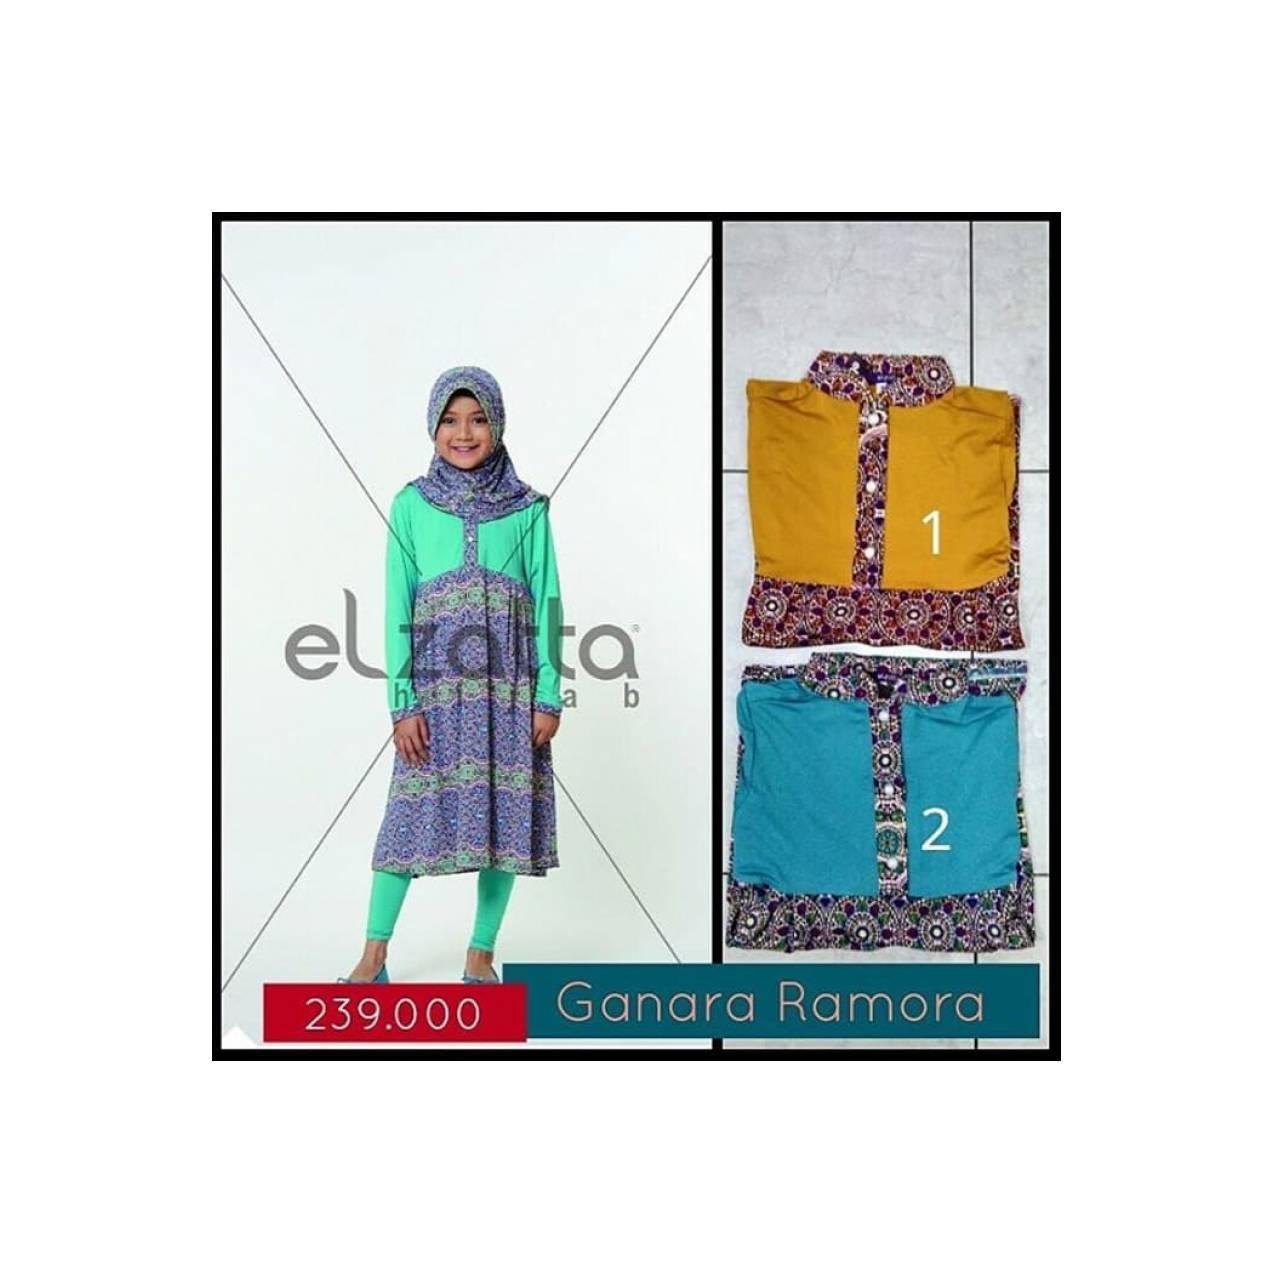 Gamis Anak Ganara Ramora Elzatta Asli Original Koleksi Busana Muslim